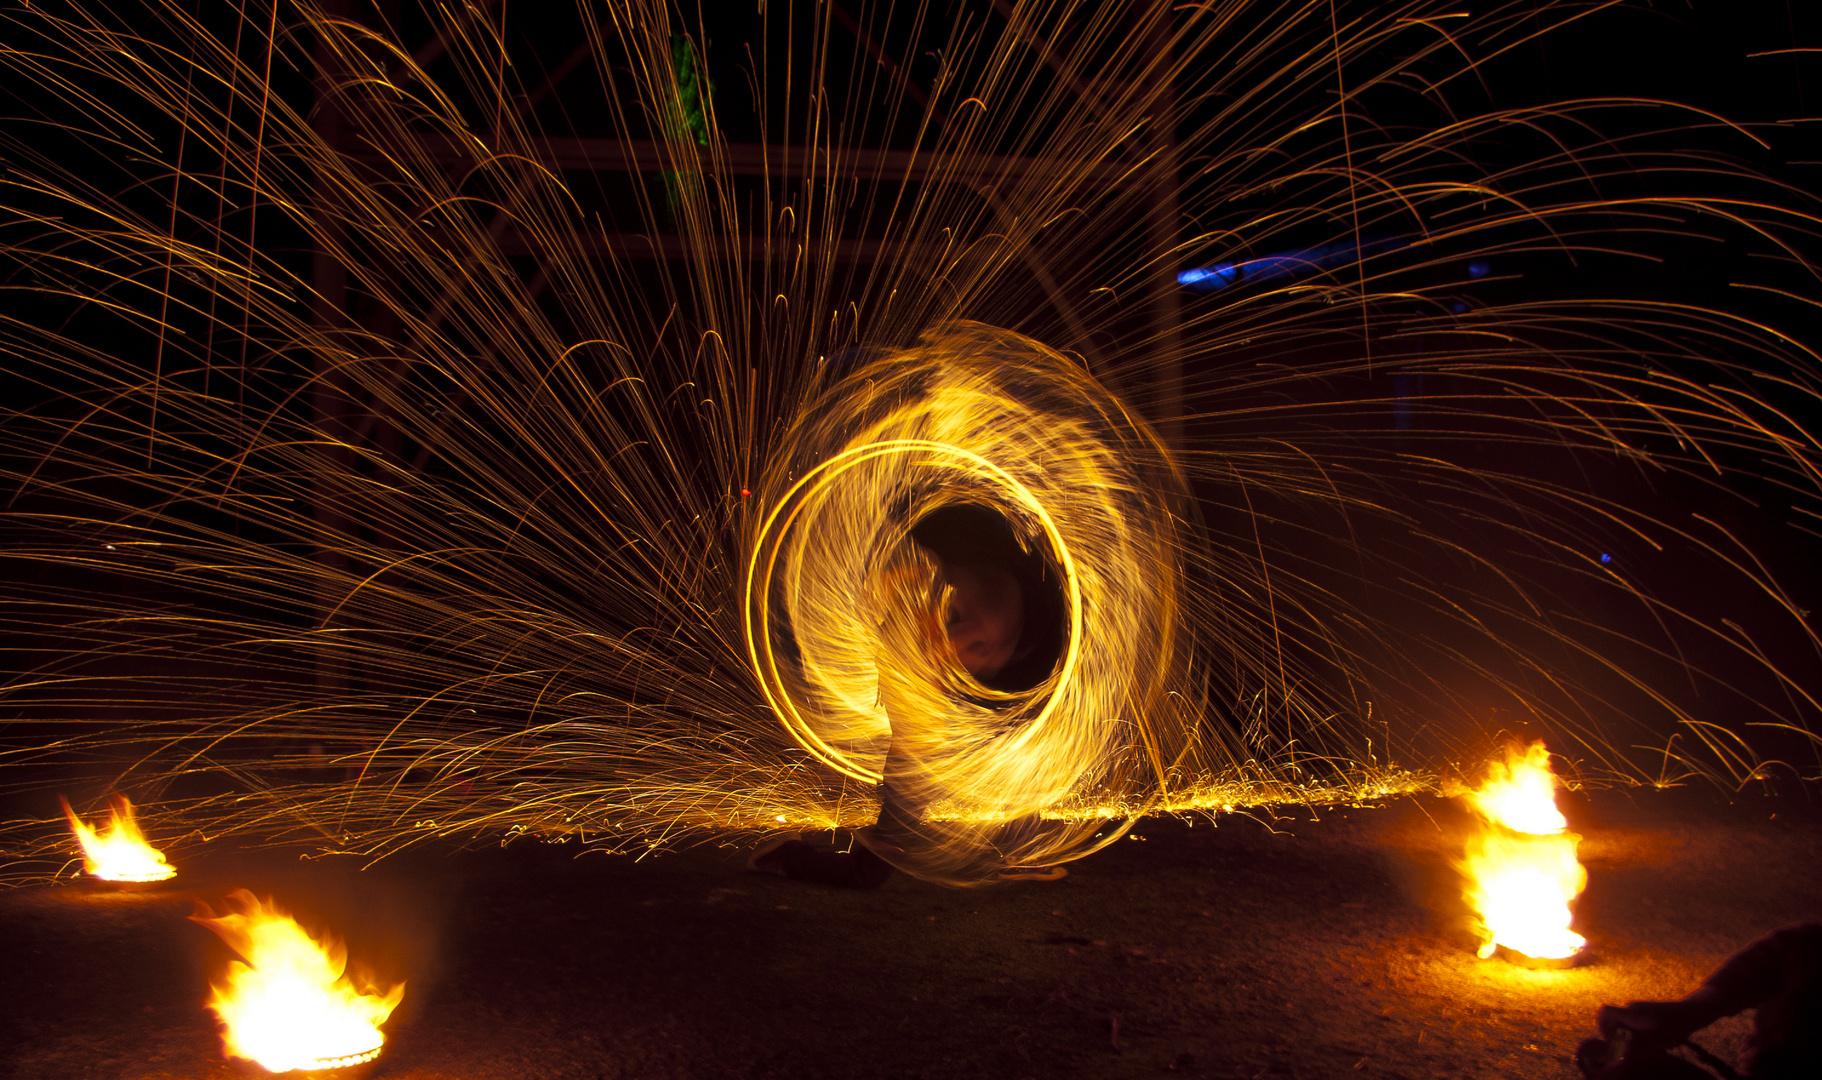 ... fire